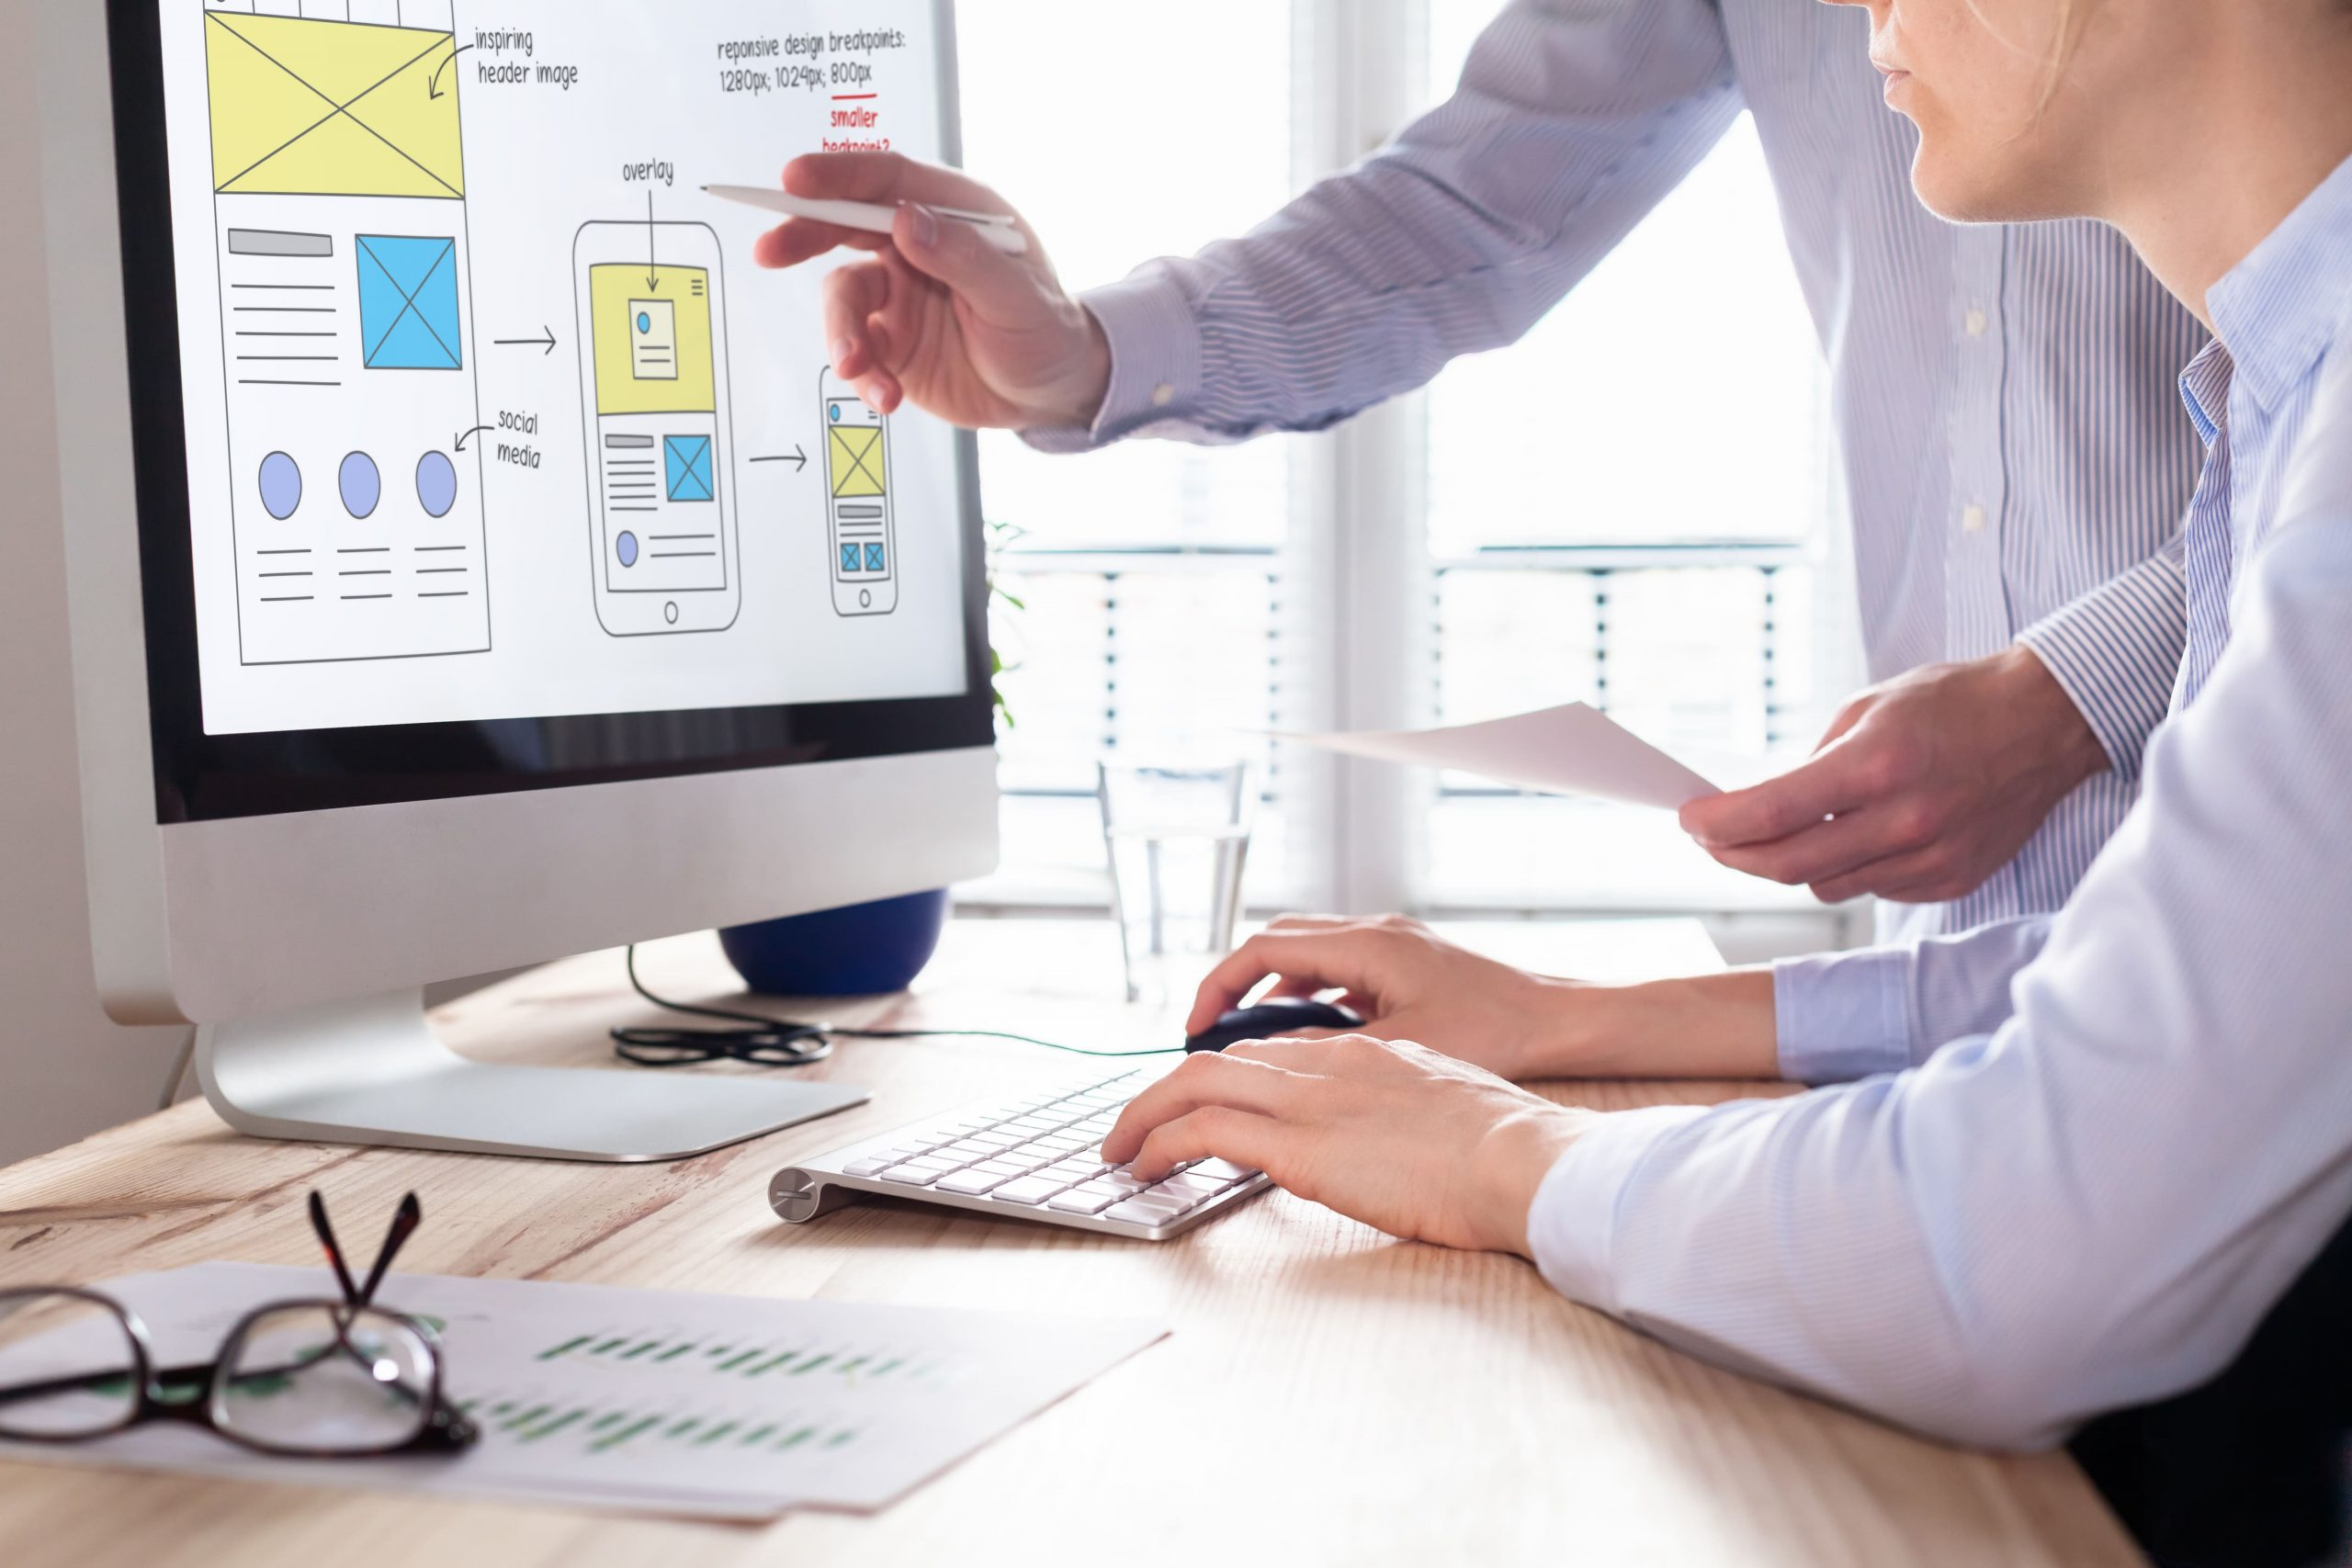 ¿Cómo sacar provecho del Diseño gráfico para empresas?